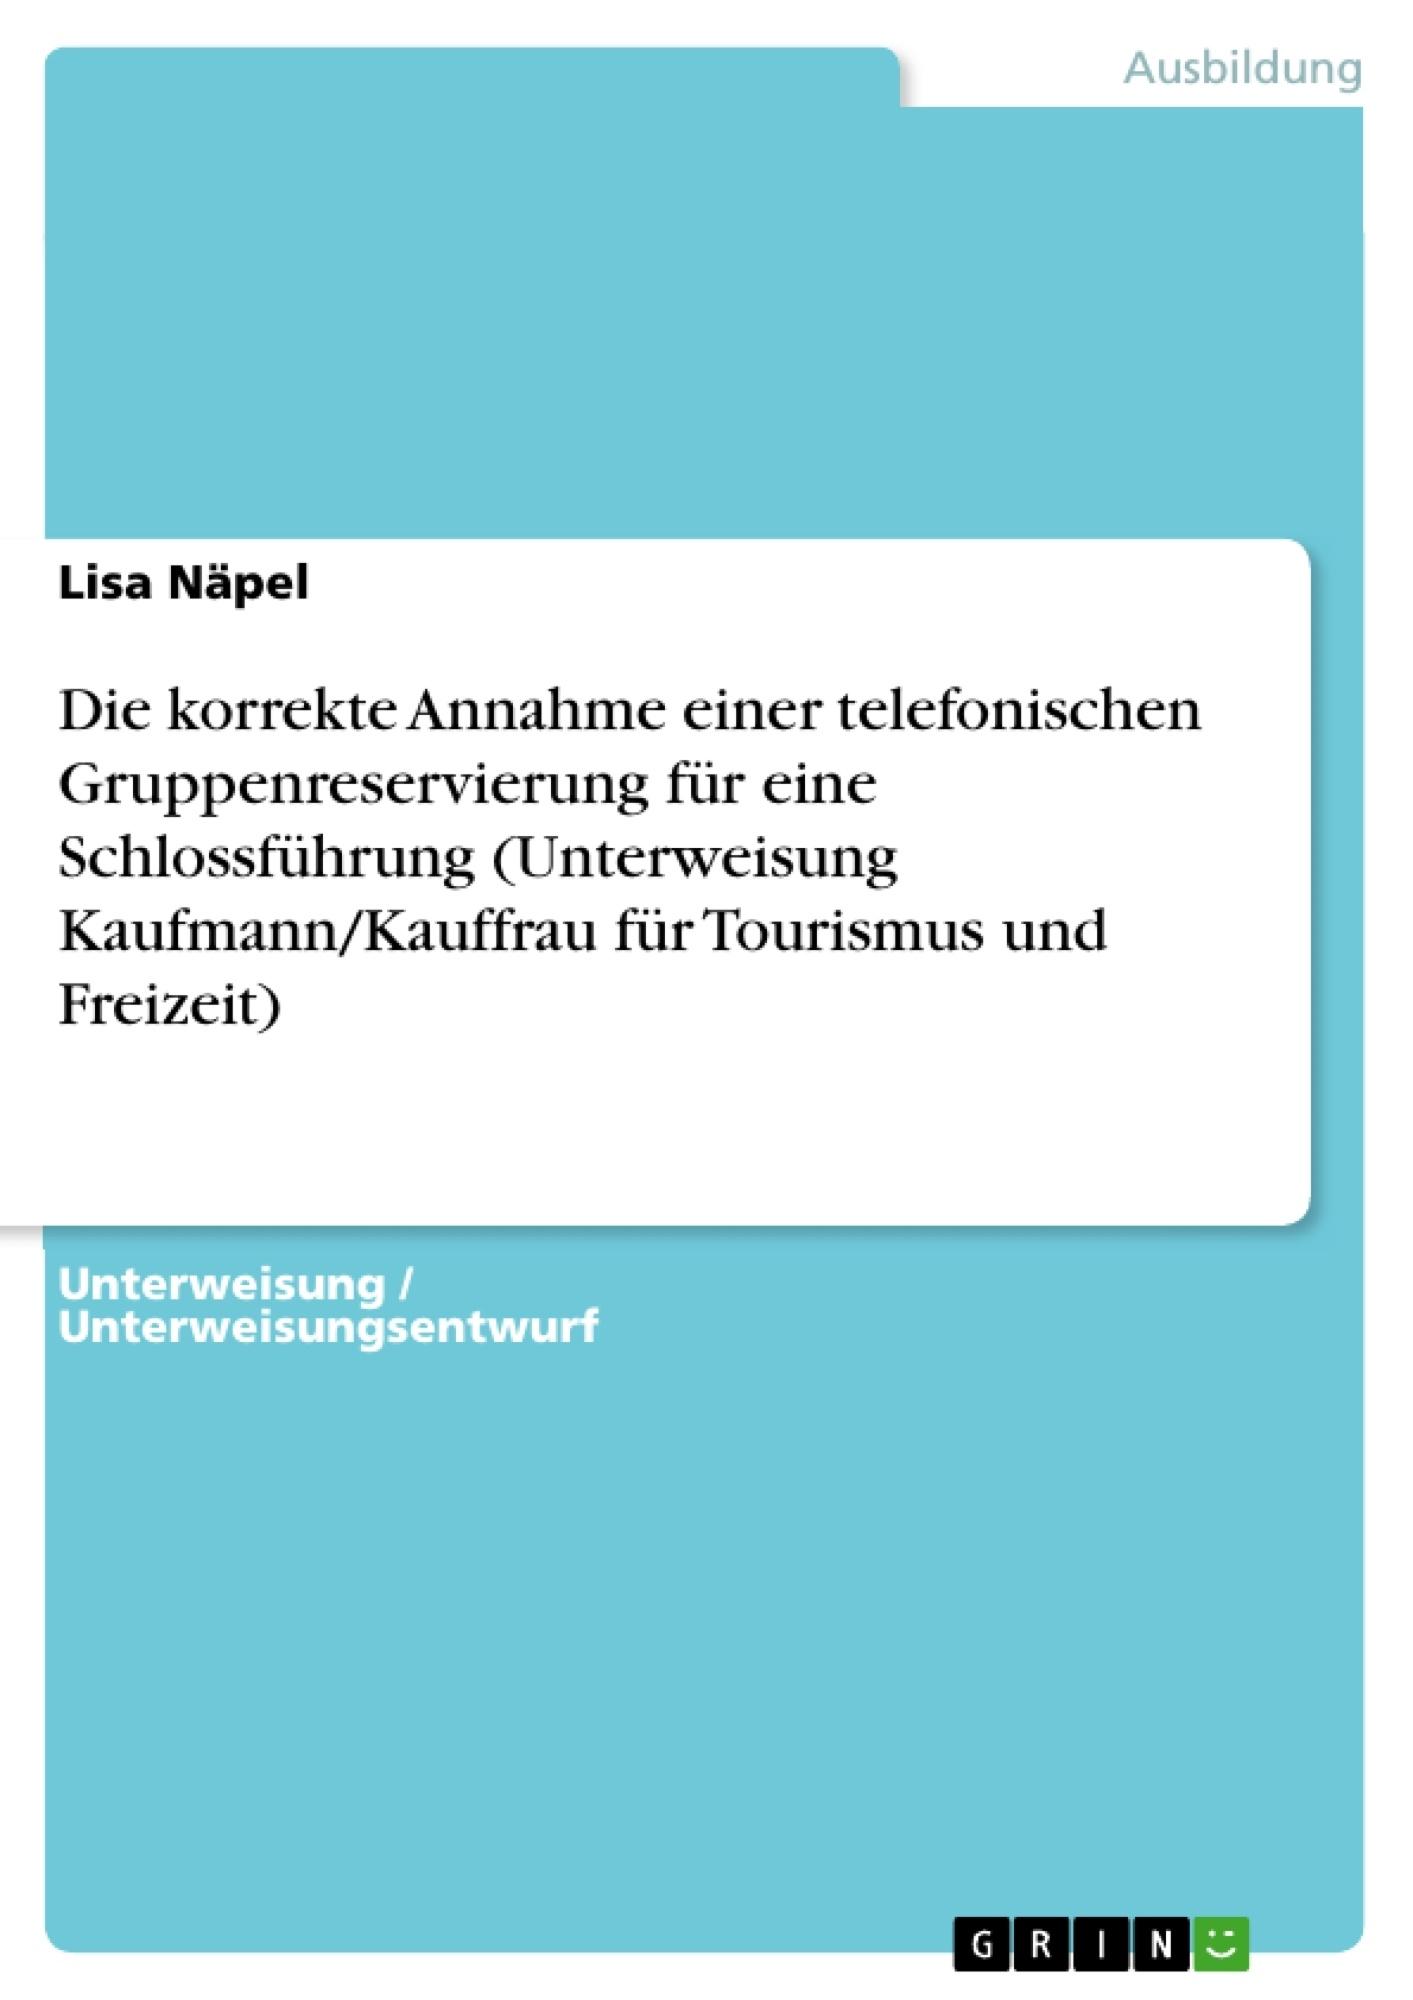 Titel: Die korrekte Annahme einer telefonischen Gruppenreservierung für eine Schlossführung (Unterweisung Kaufmann/Kauffrau für Tourismus und Freizeit)